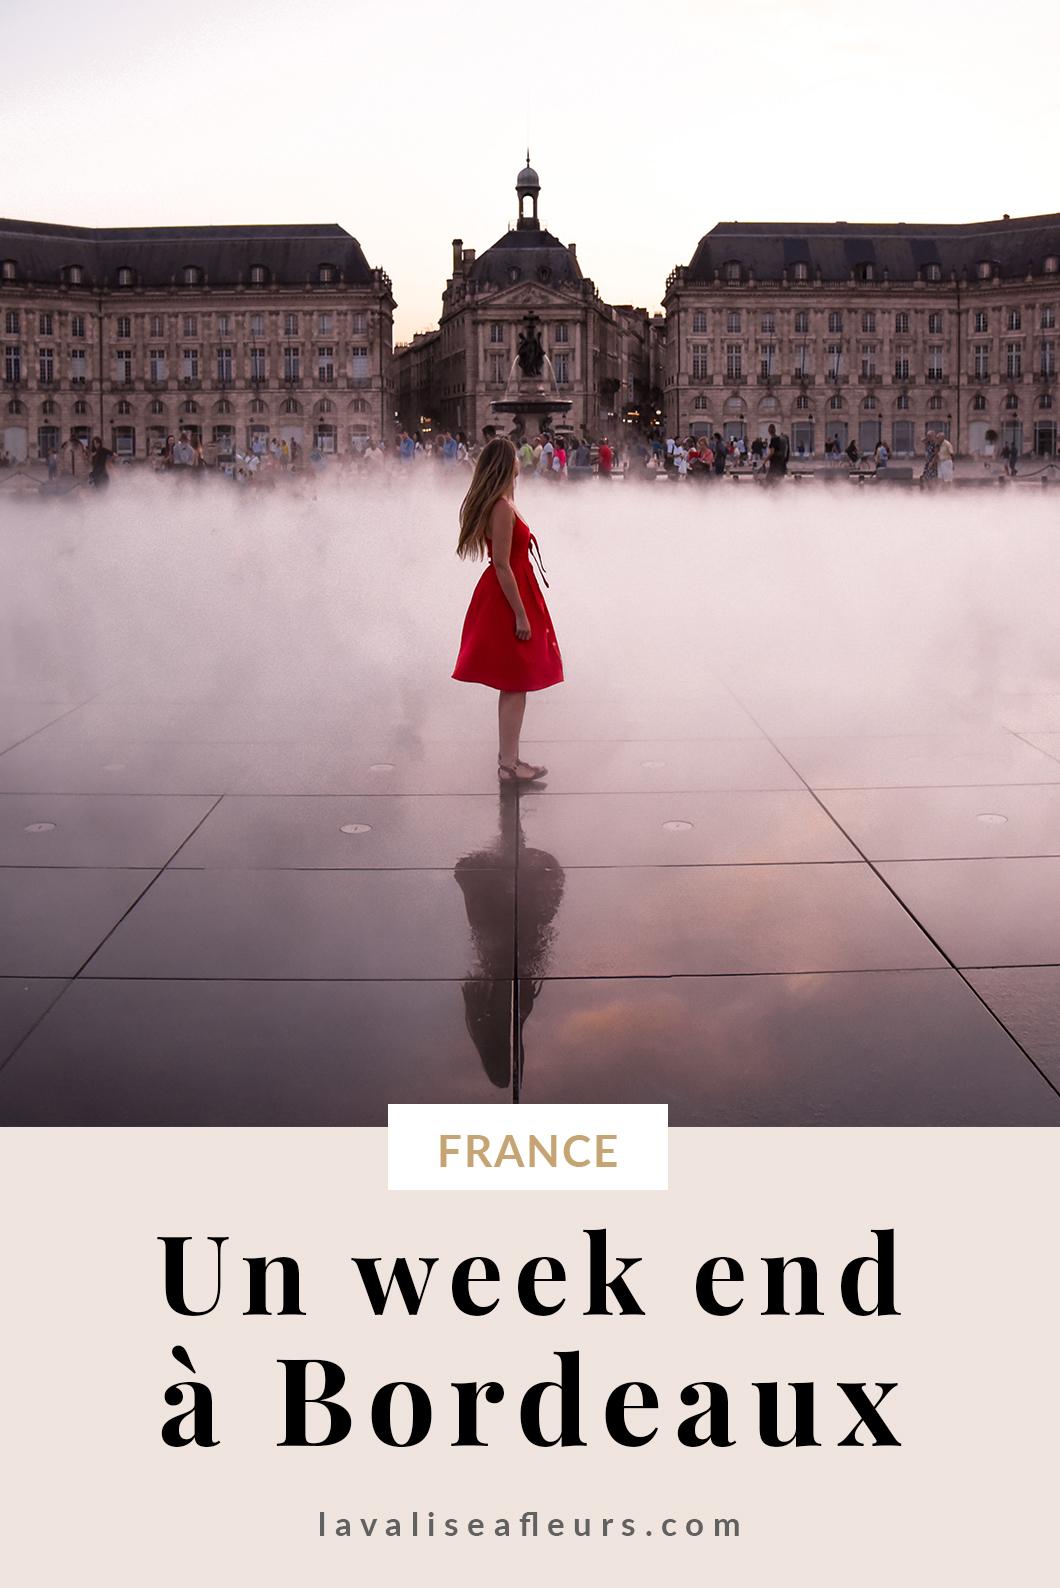 Guide d'un week end à Bordeaux en France